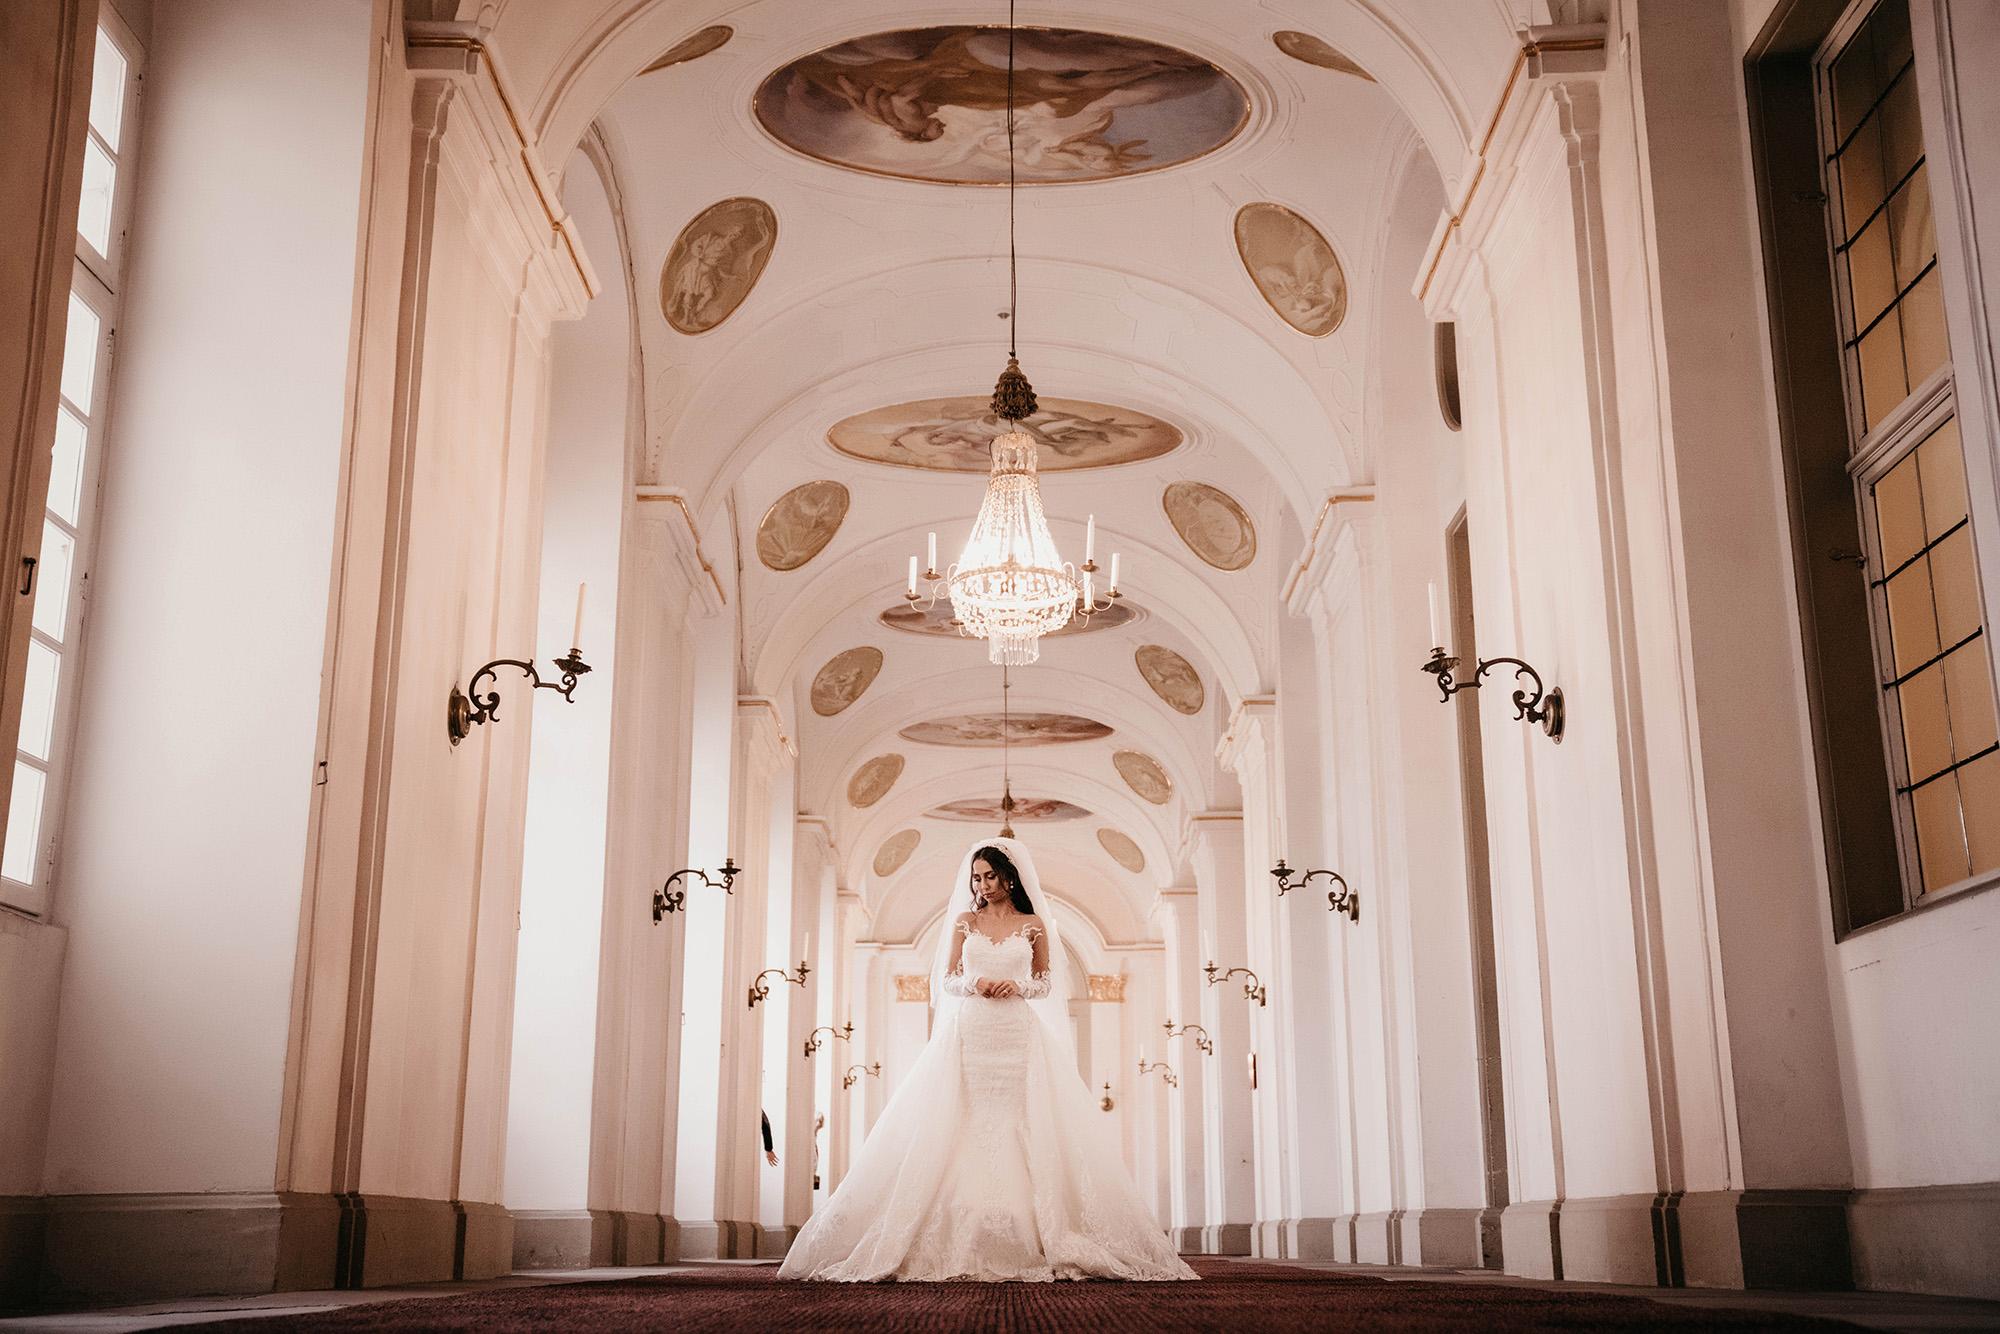 Braut steht unter einer Kronleuchter.jpg